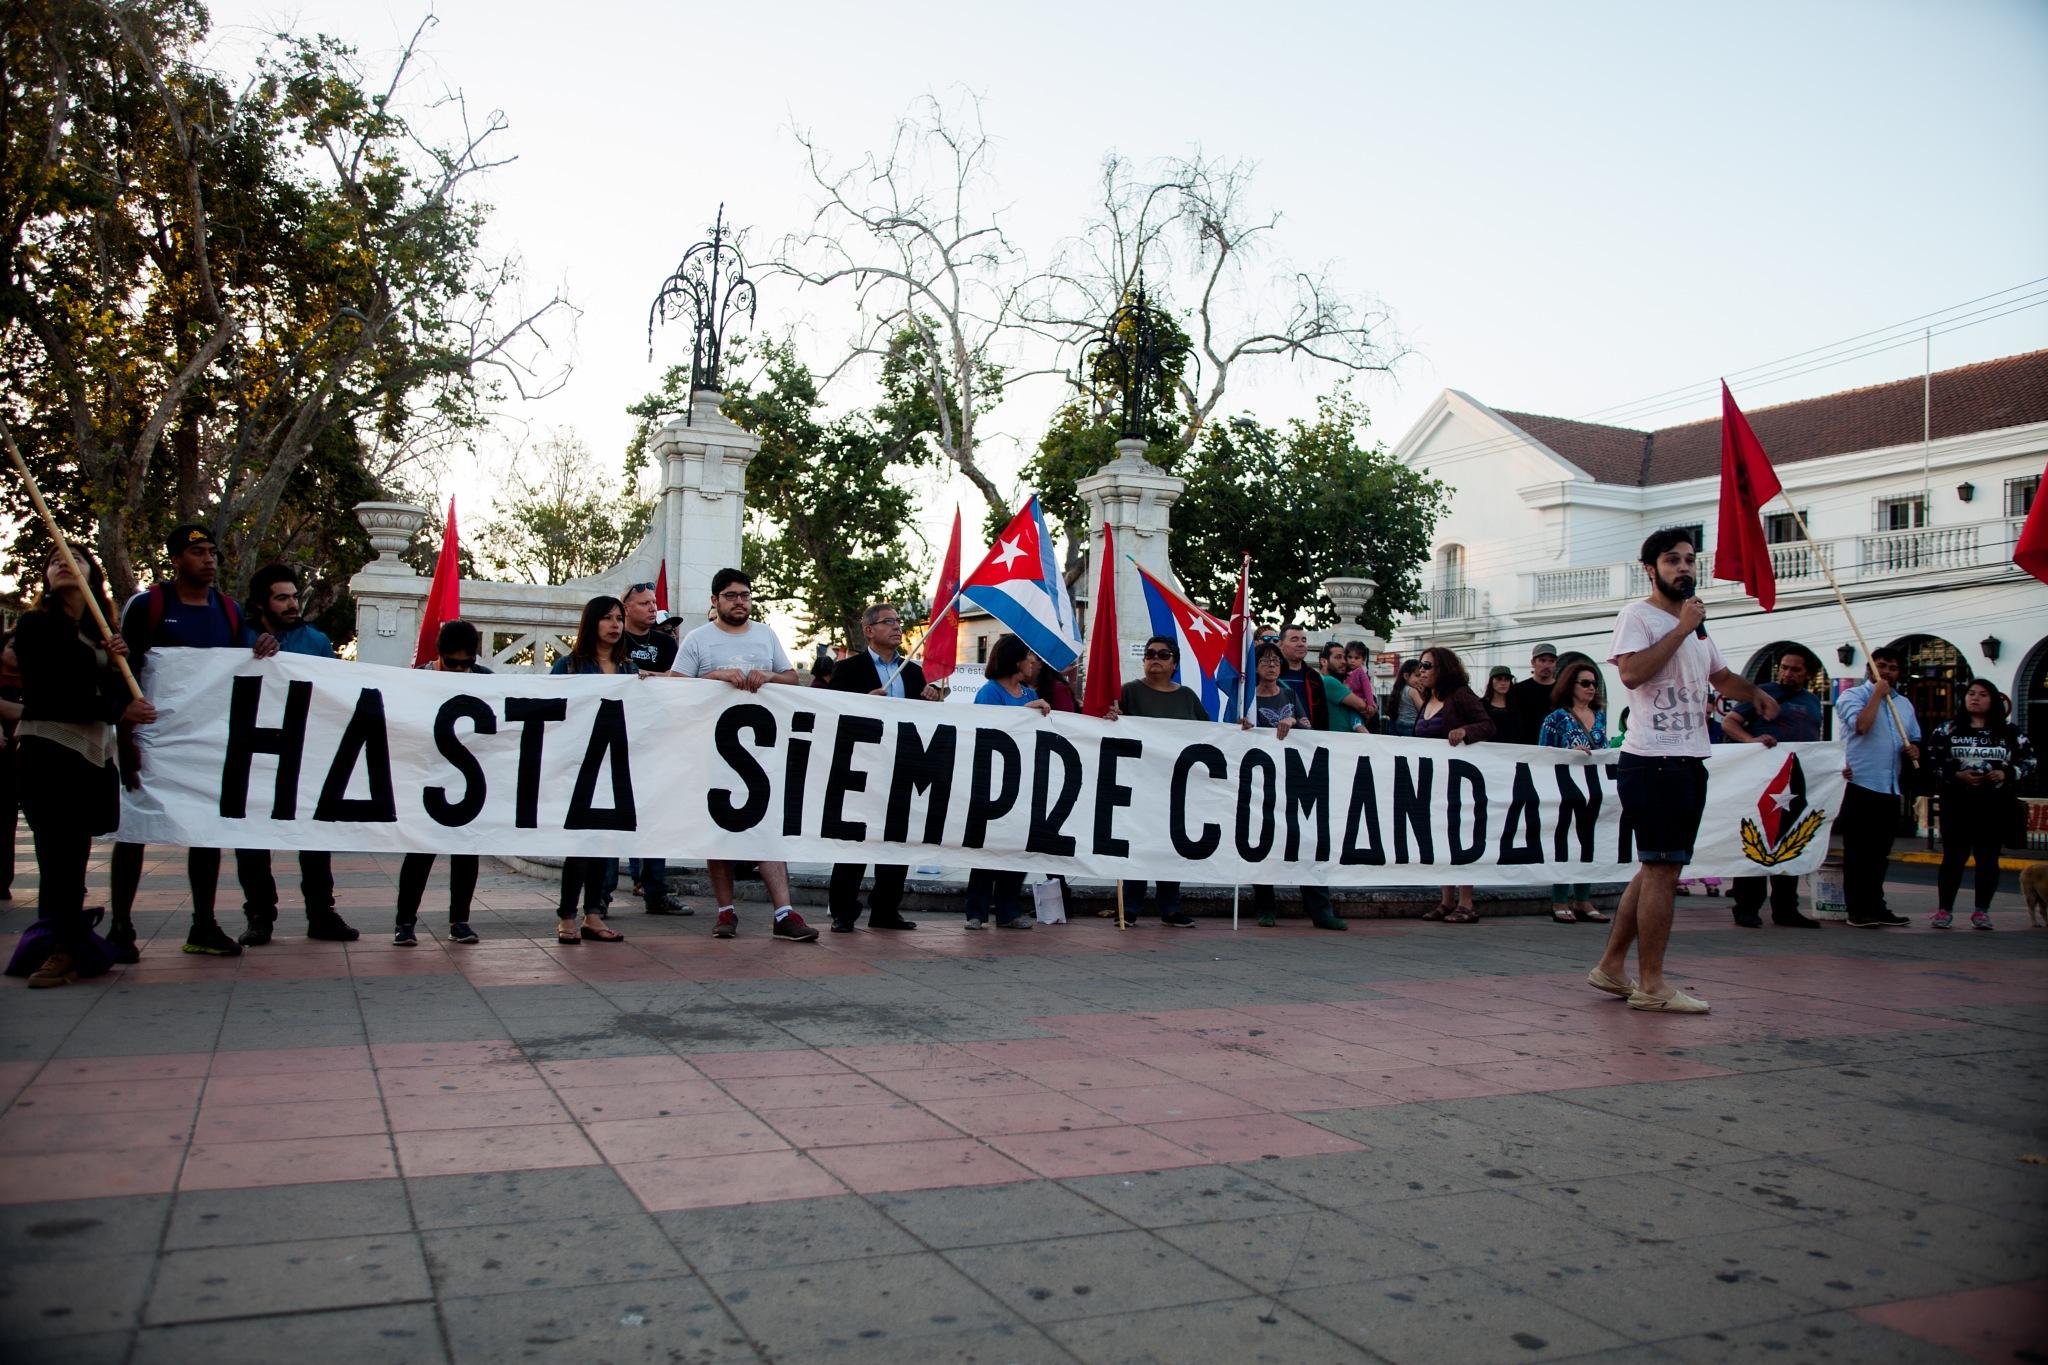 Chilenos despiden a Fidel Castro con velatón en La Serena    by Robert Jopia